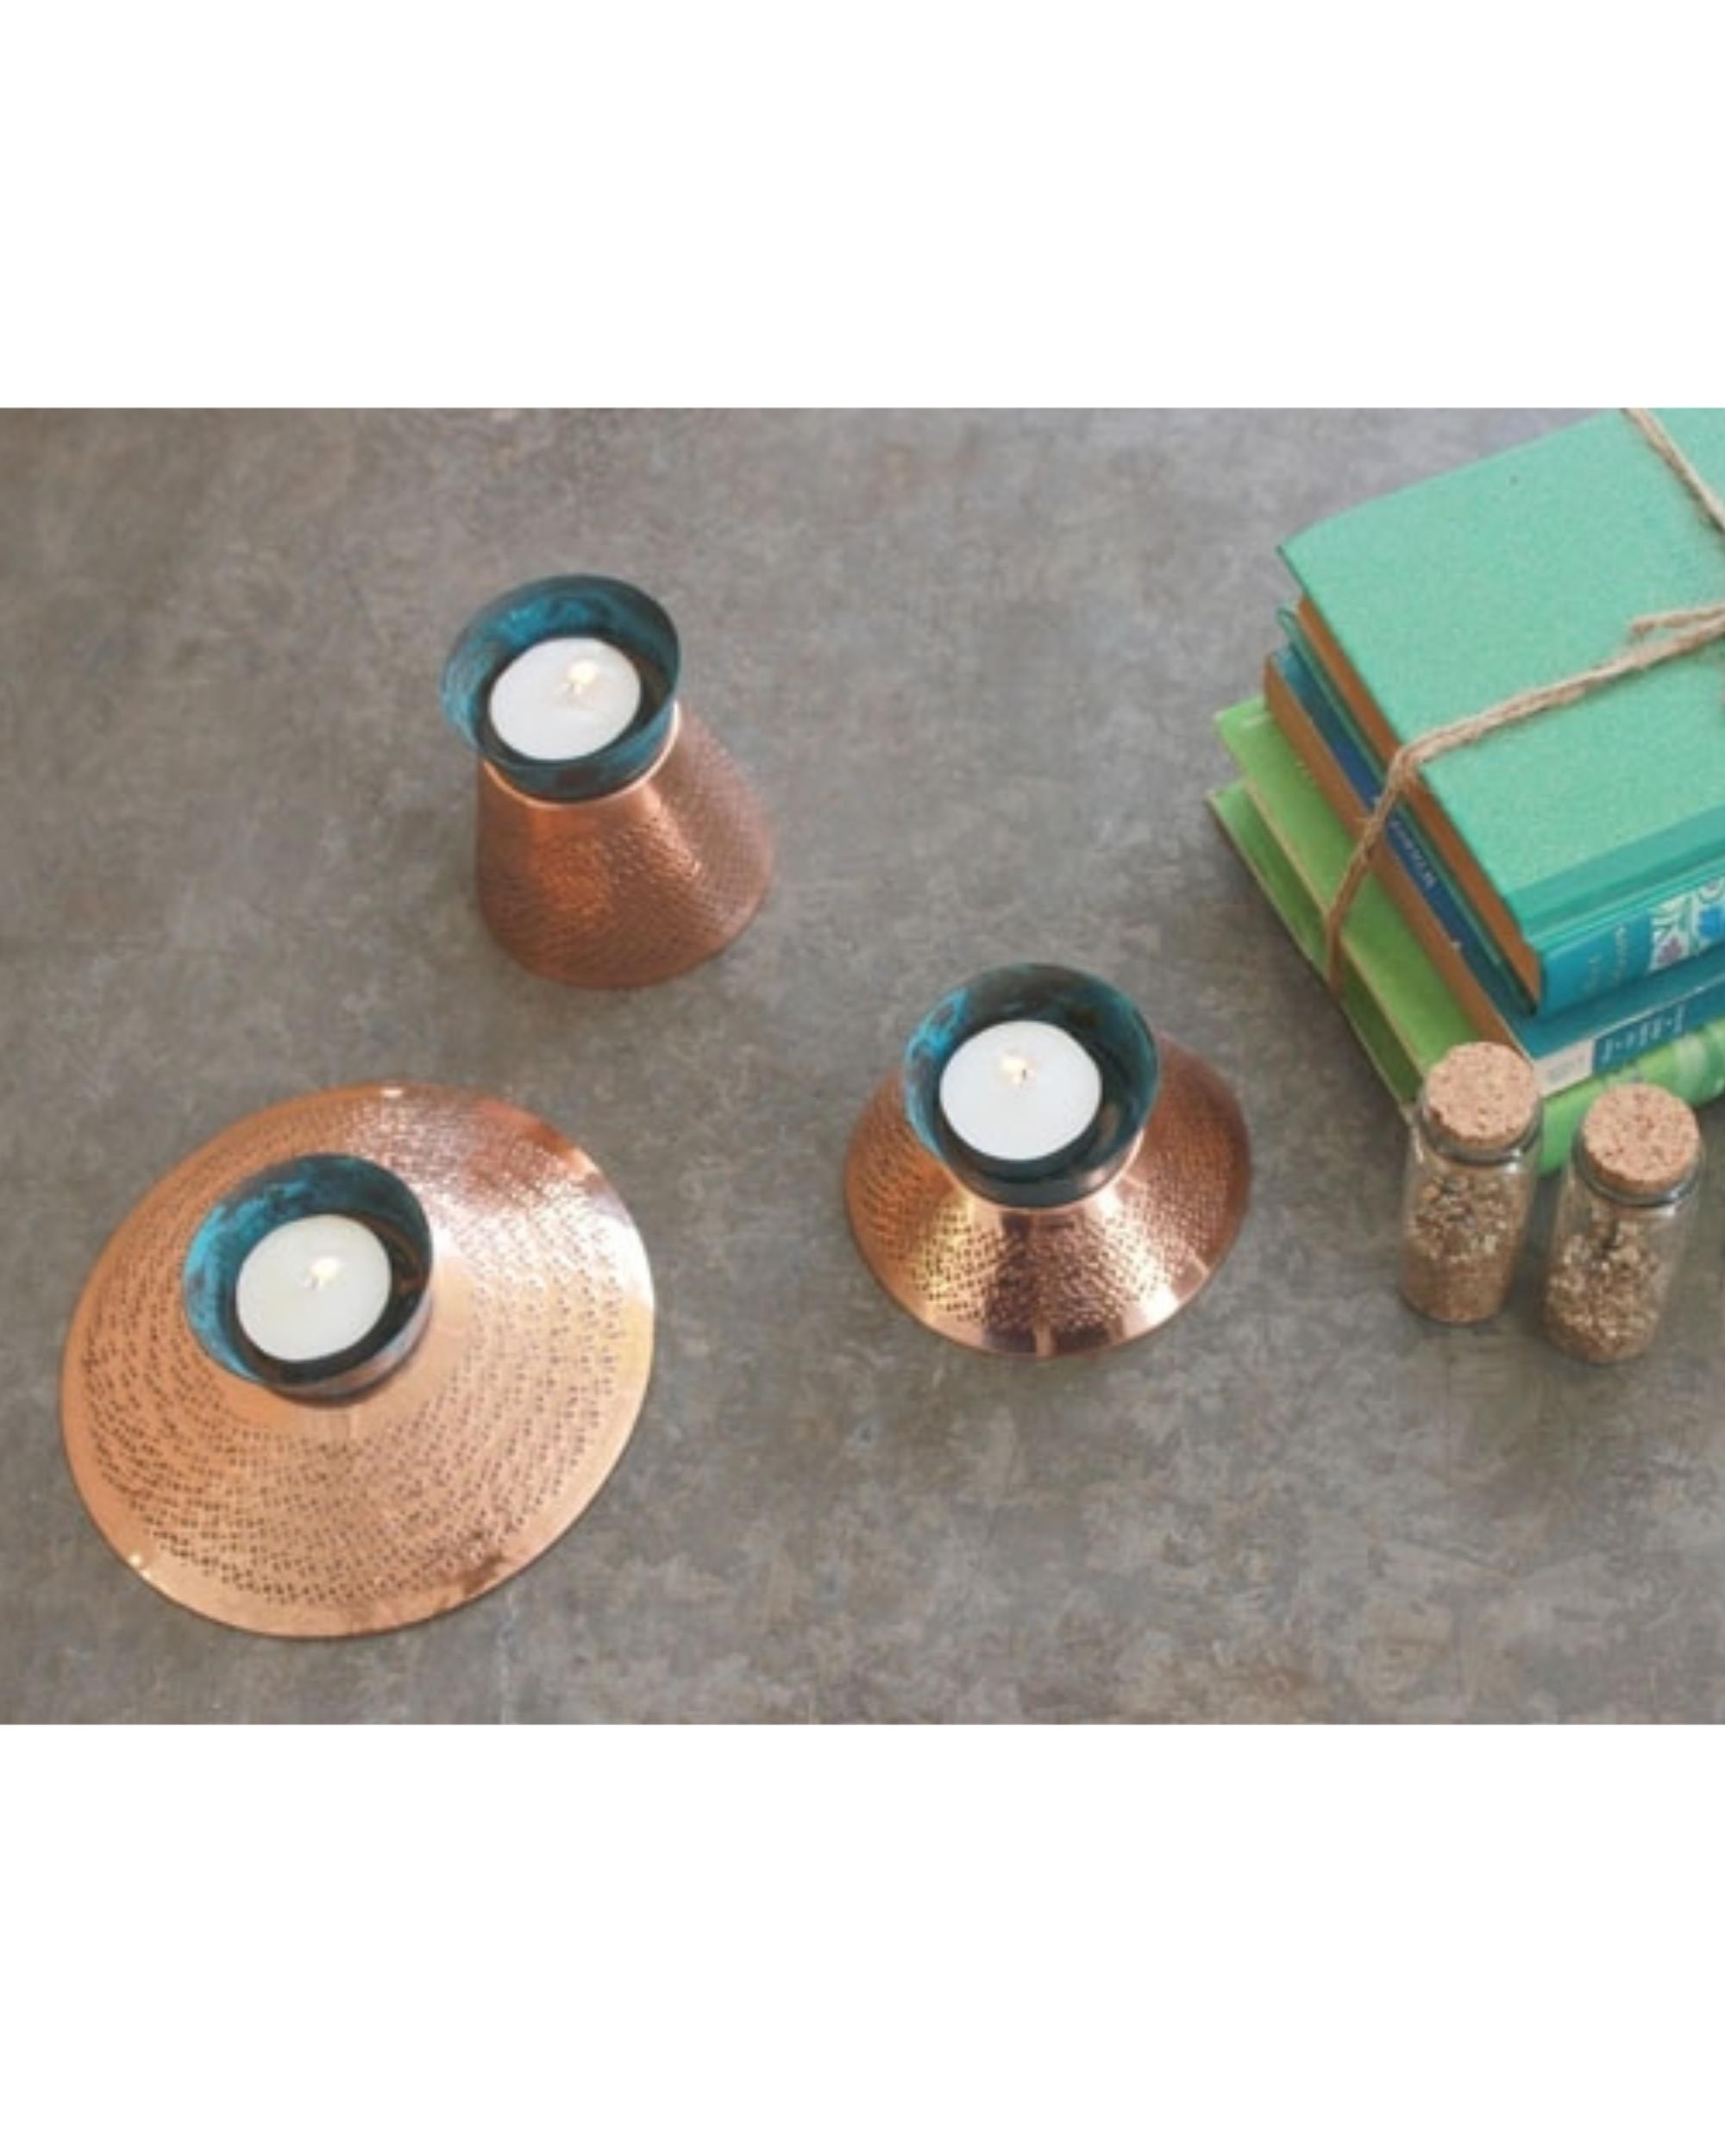 Teal appeal tea light holder - large